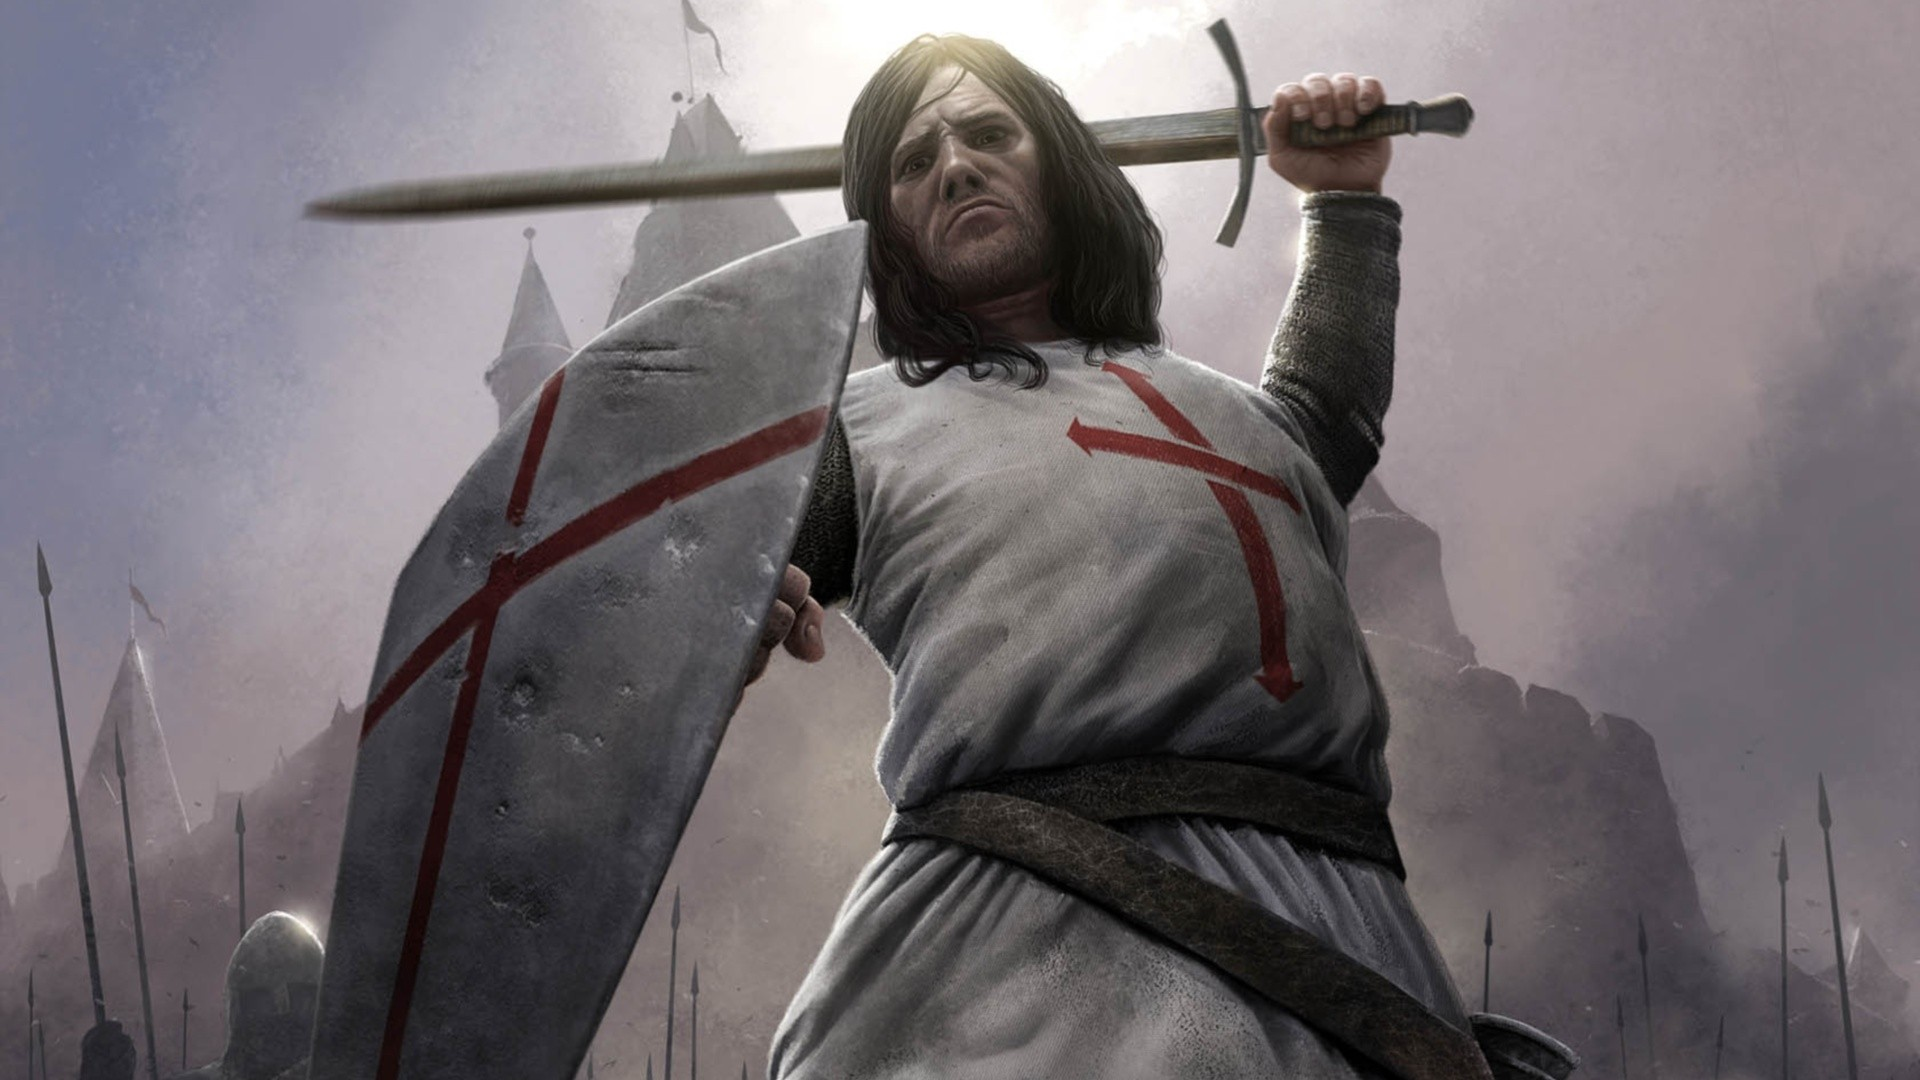 Templar hd wallpaper